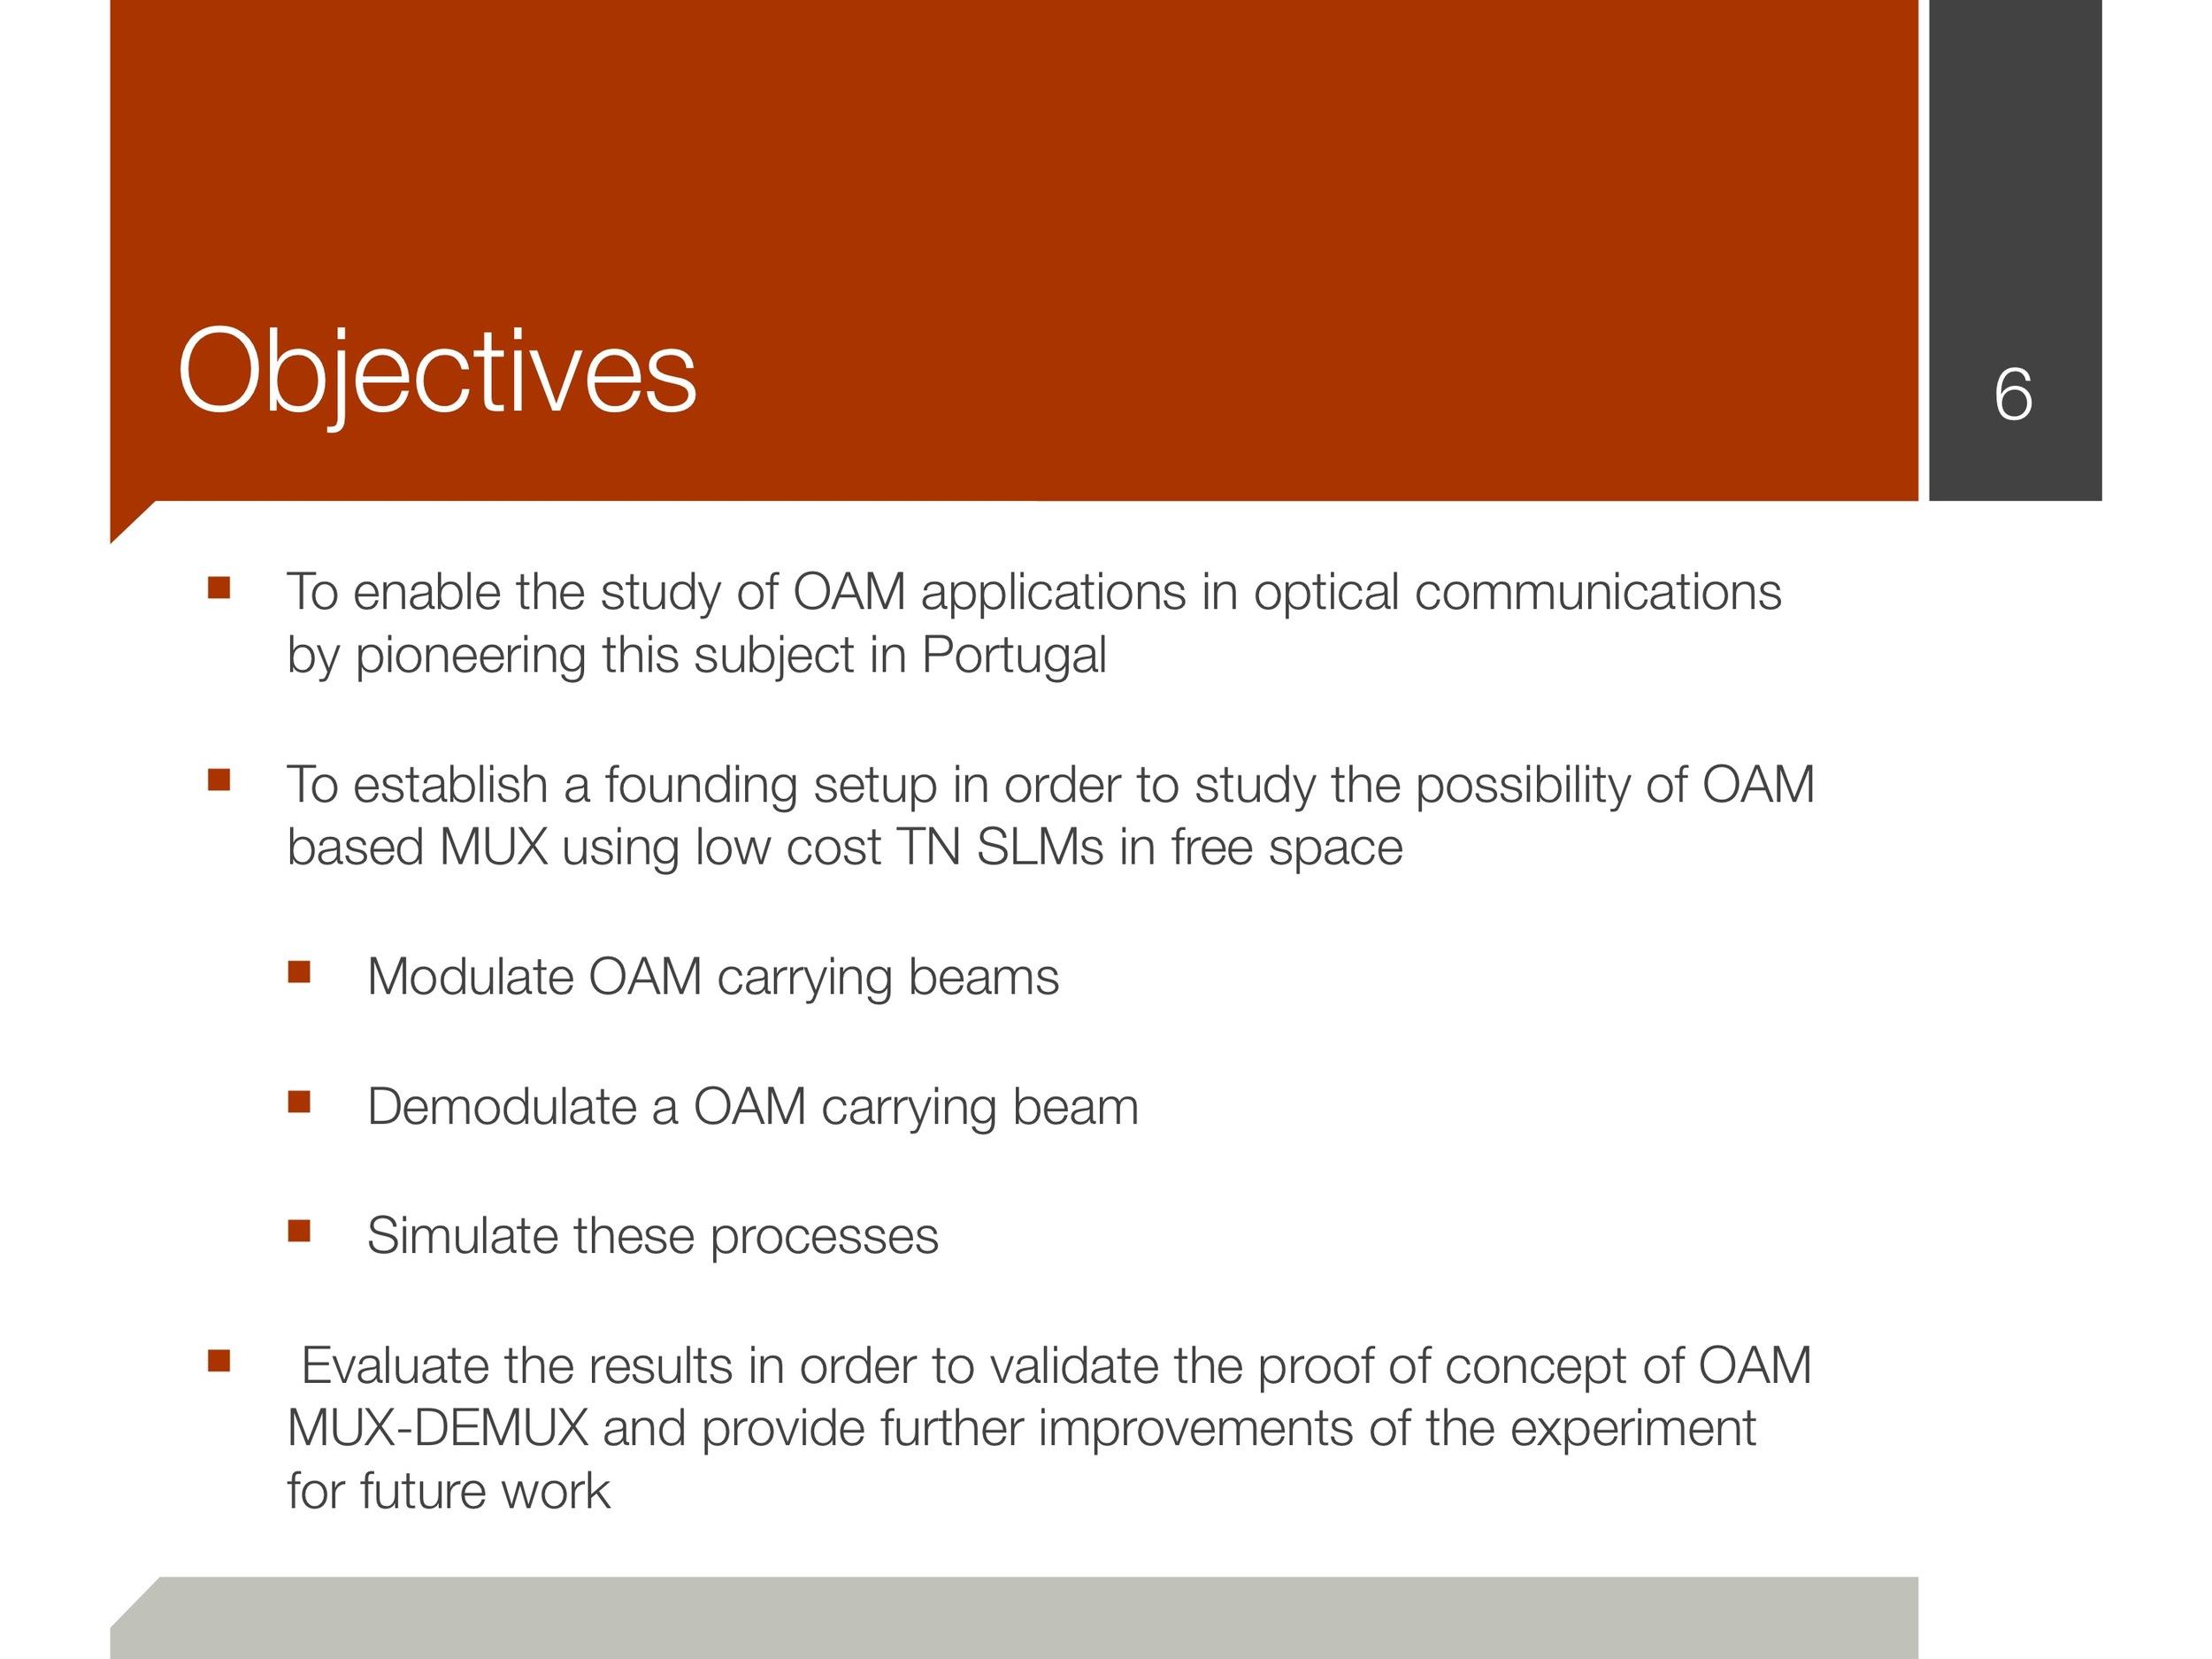 oam_pmeft_presentation_final 7.jpeg